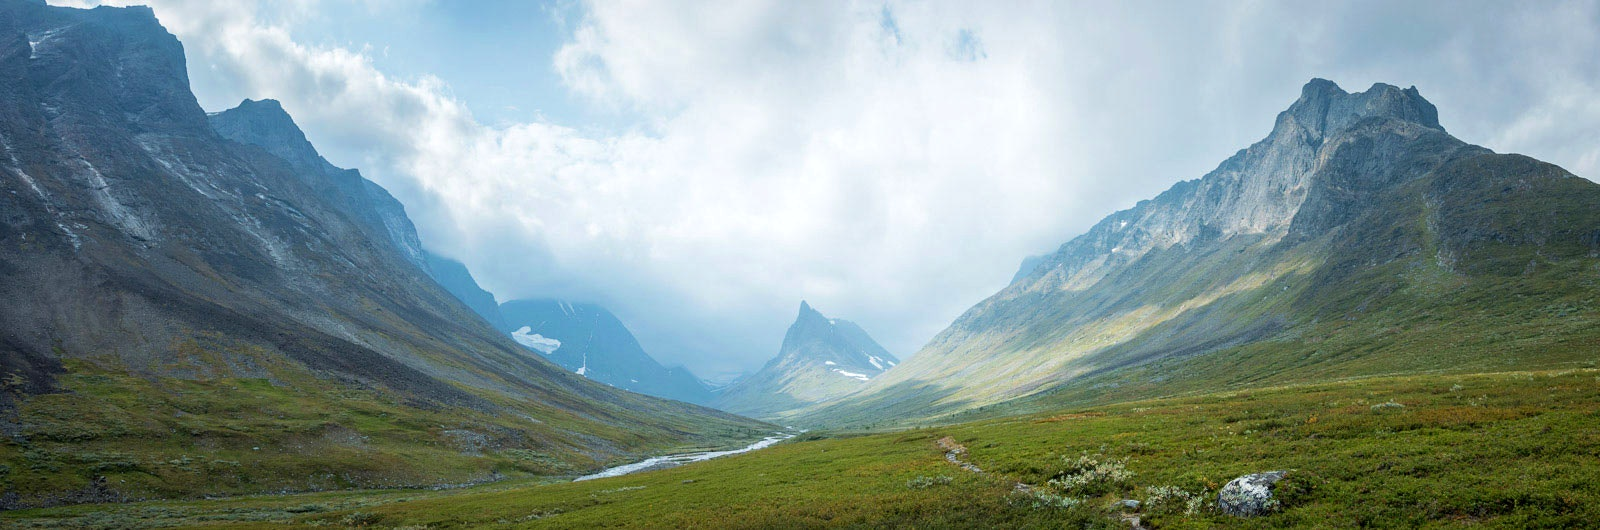 Dramatisk dal och bergslandskap